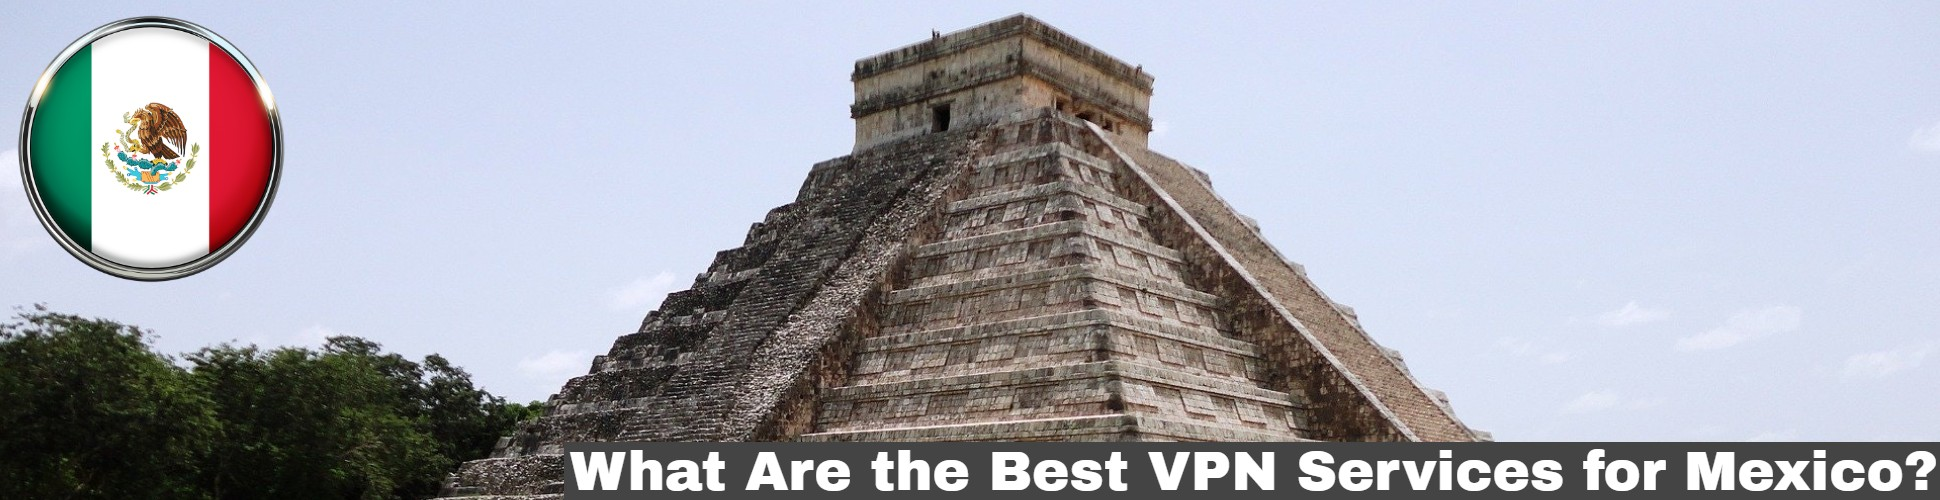 Best VPN services Mexico